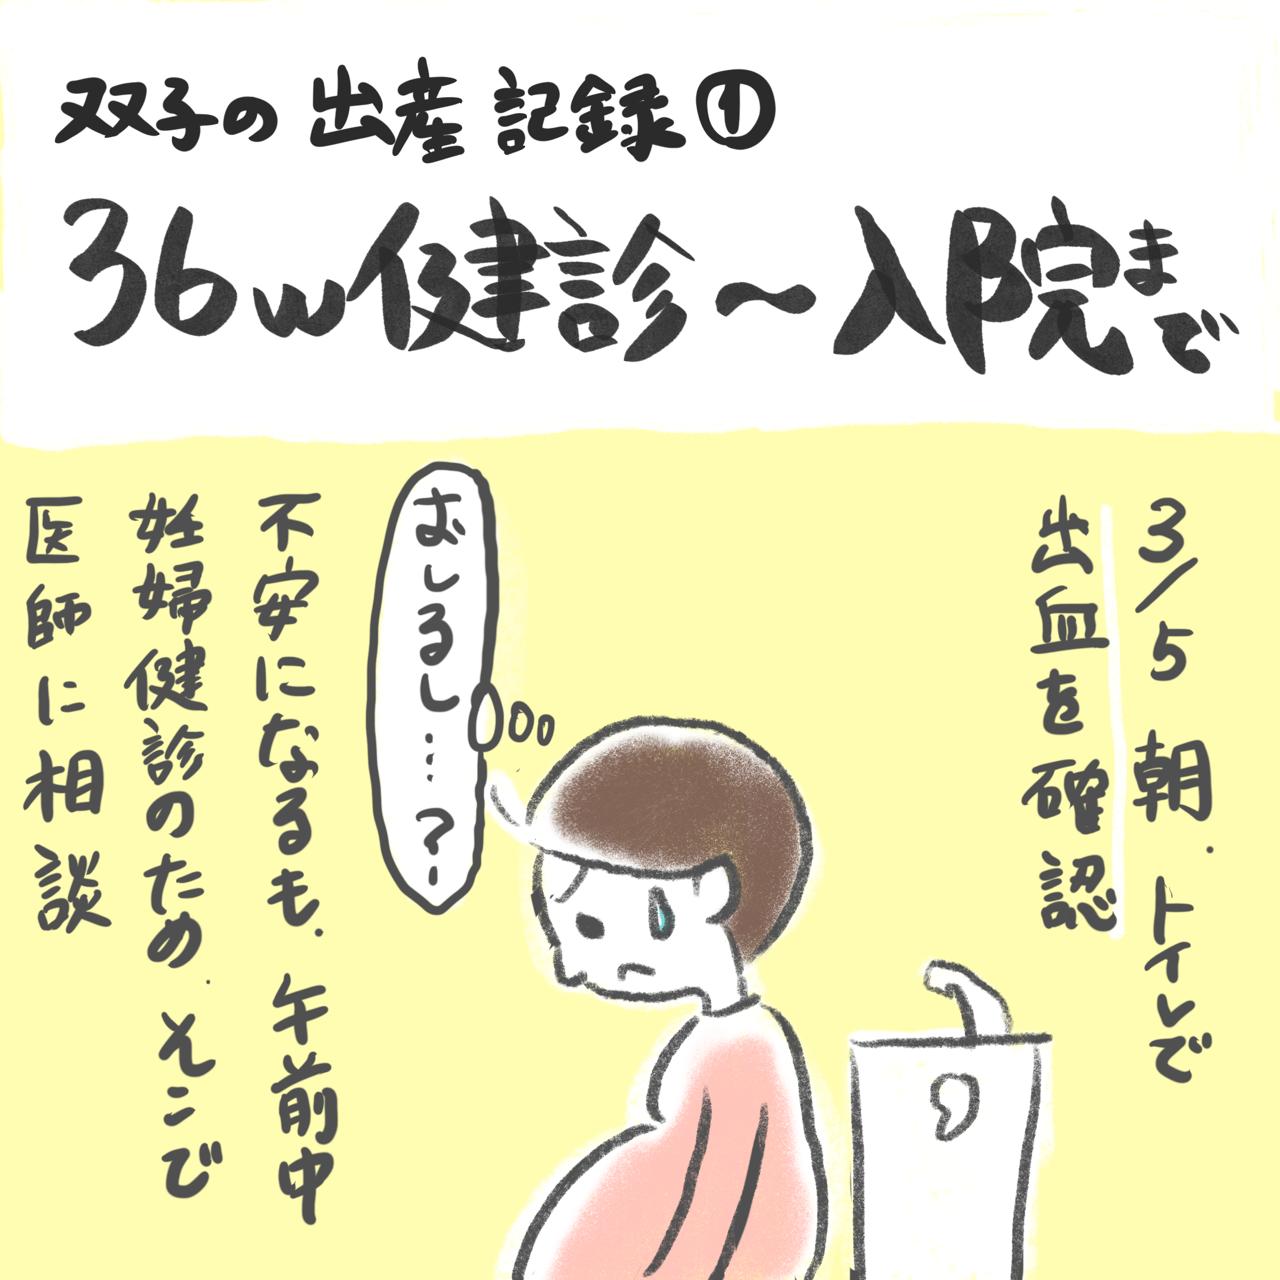 3月5日、トイレで出血を確認。不安になるも午前中が健診のため、そこで医師に相談